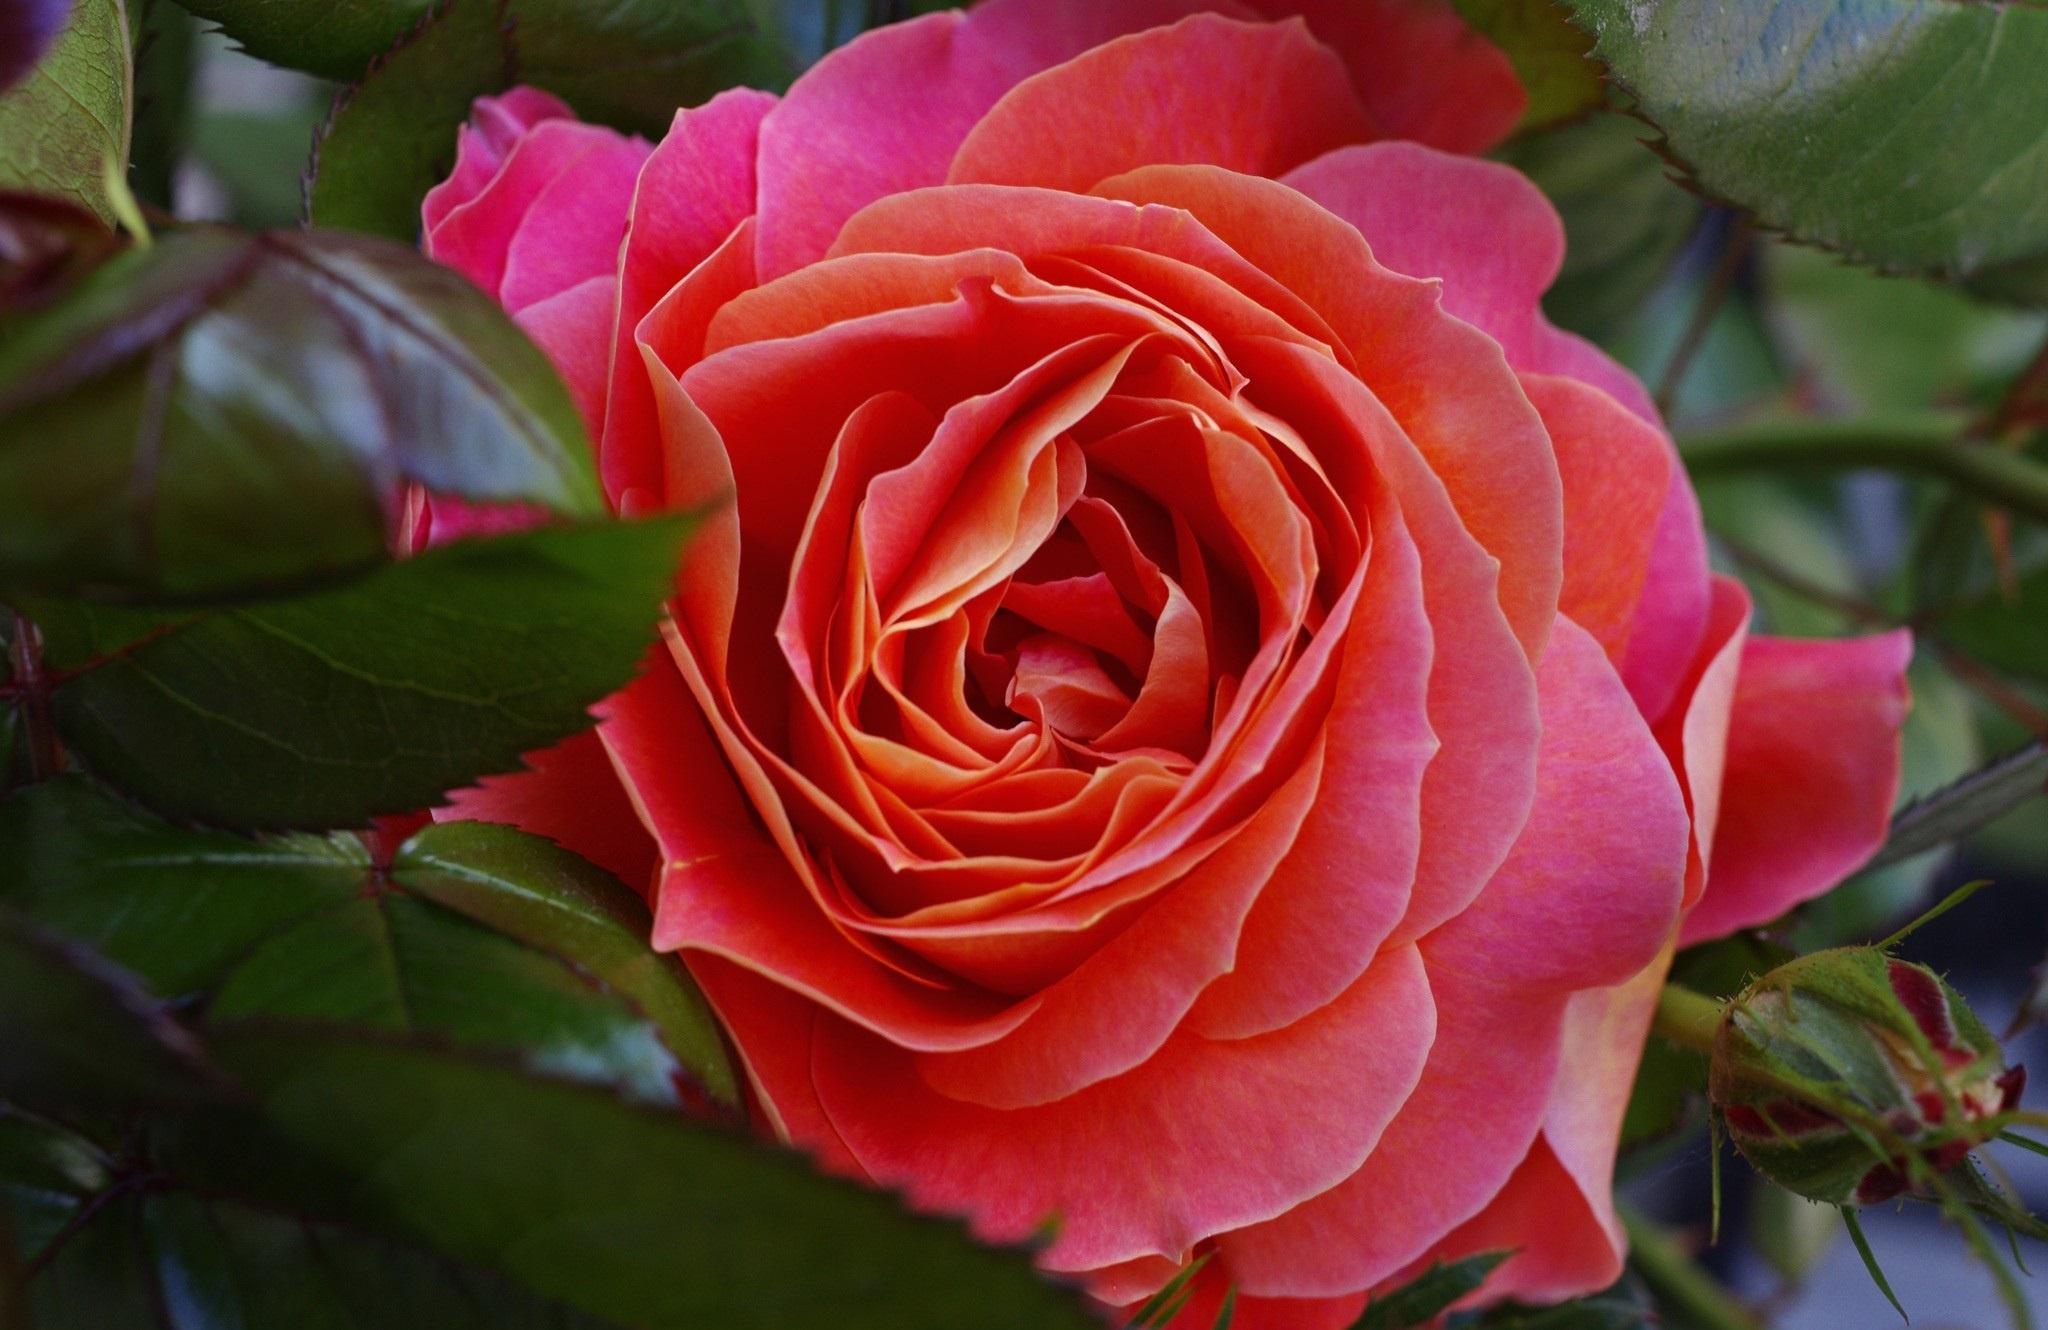 фото розы крупным планом в хорошем качестве